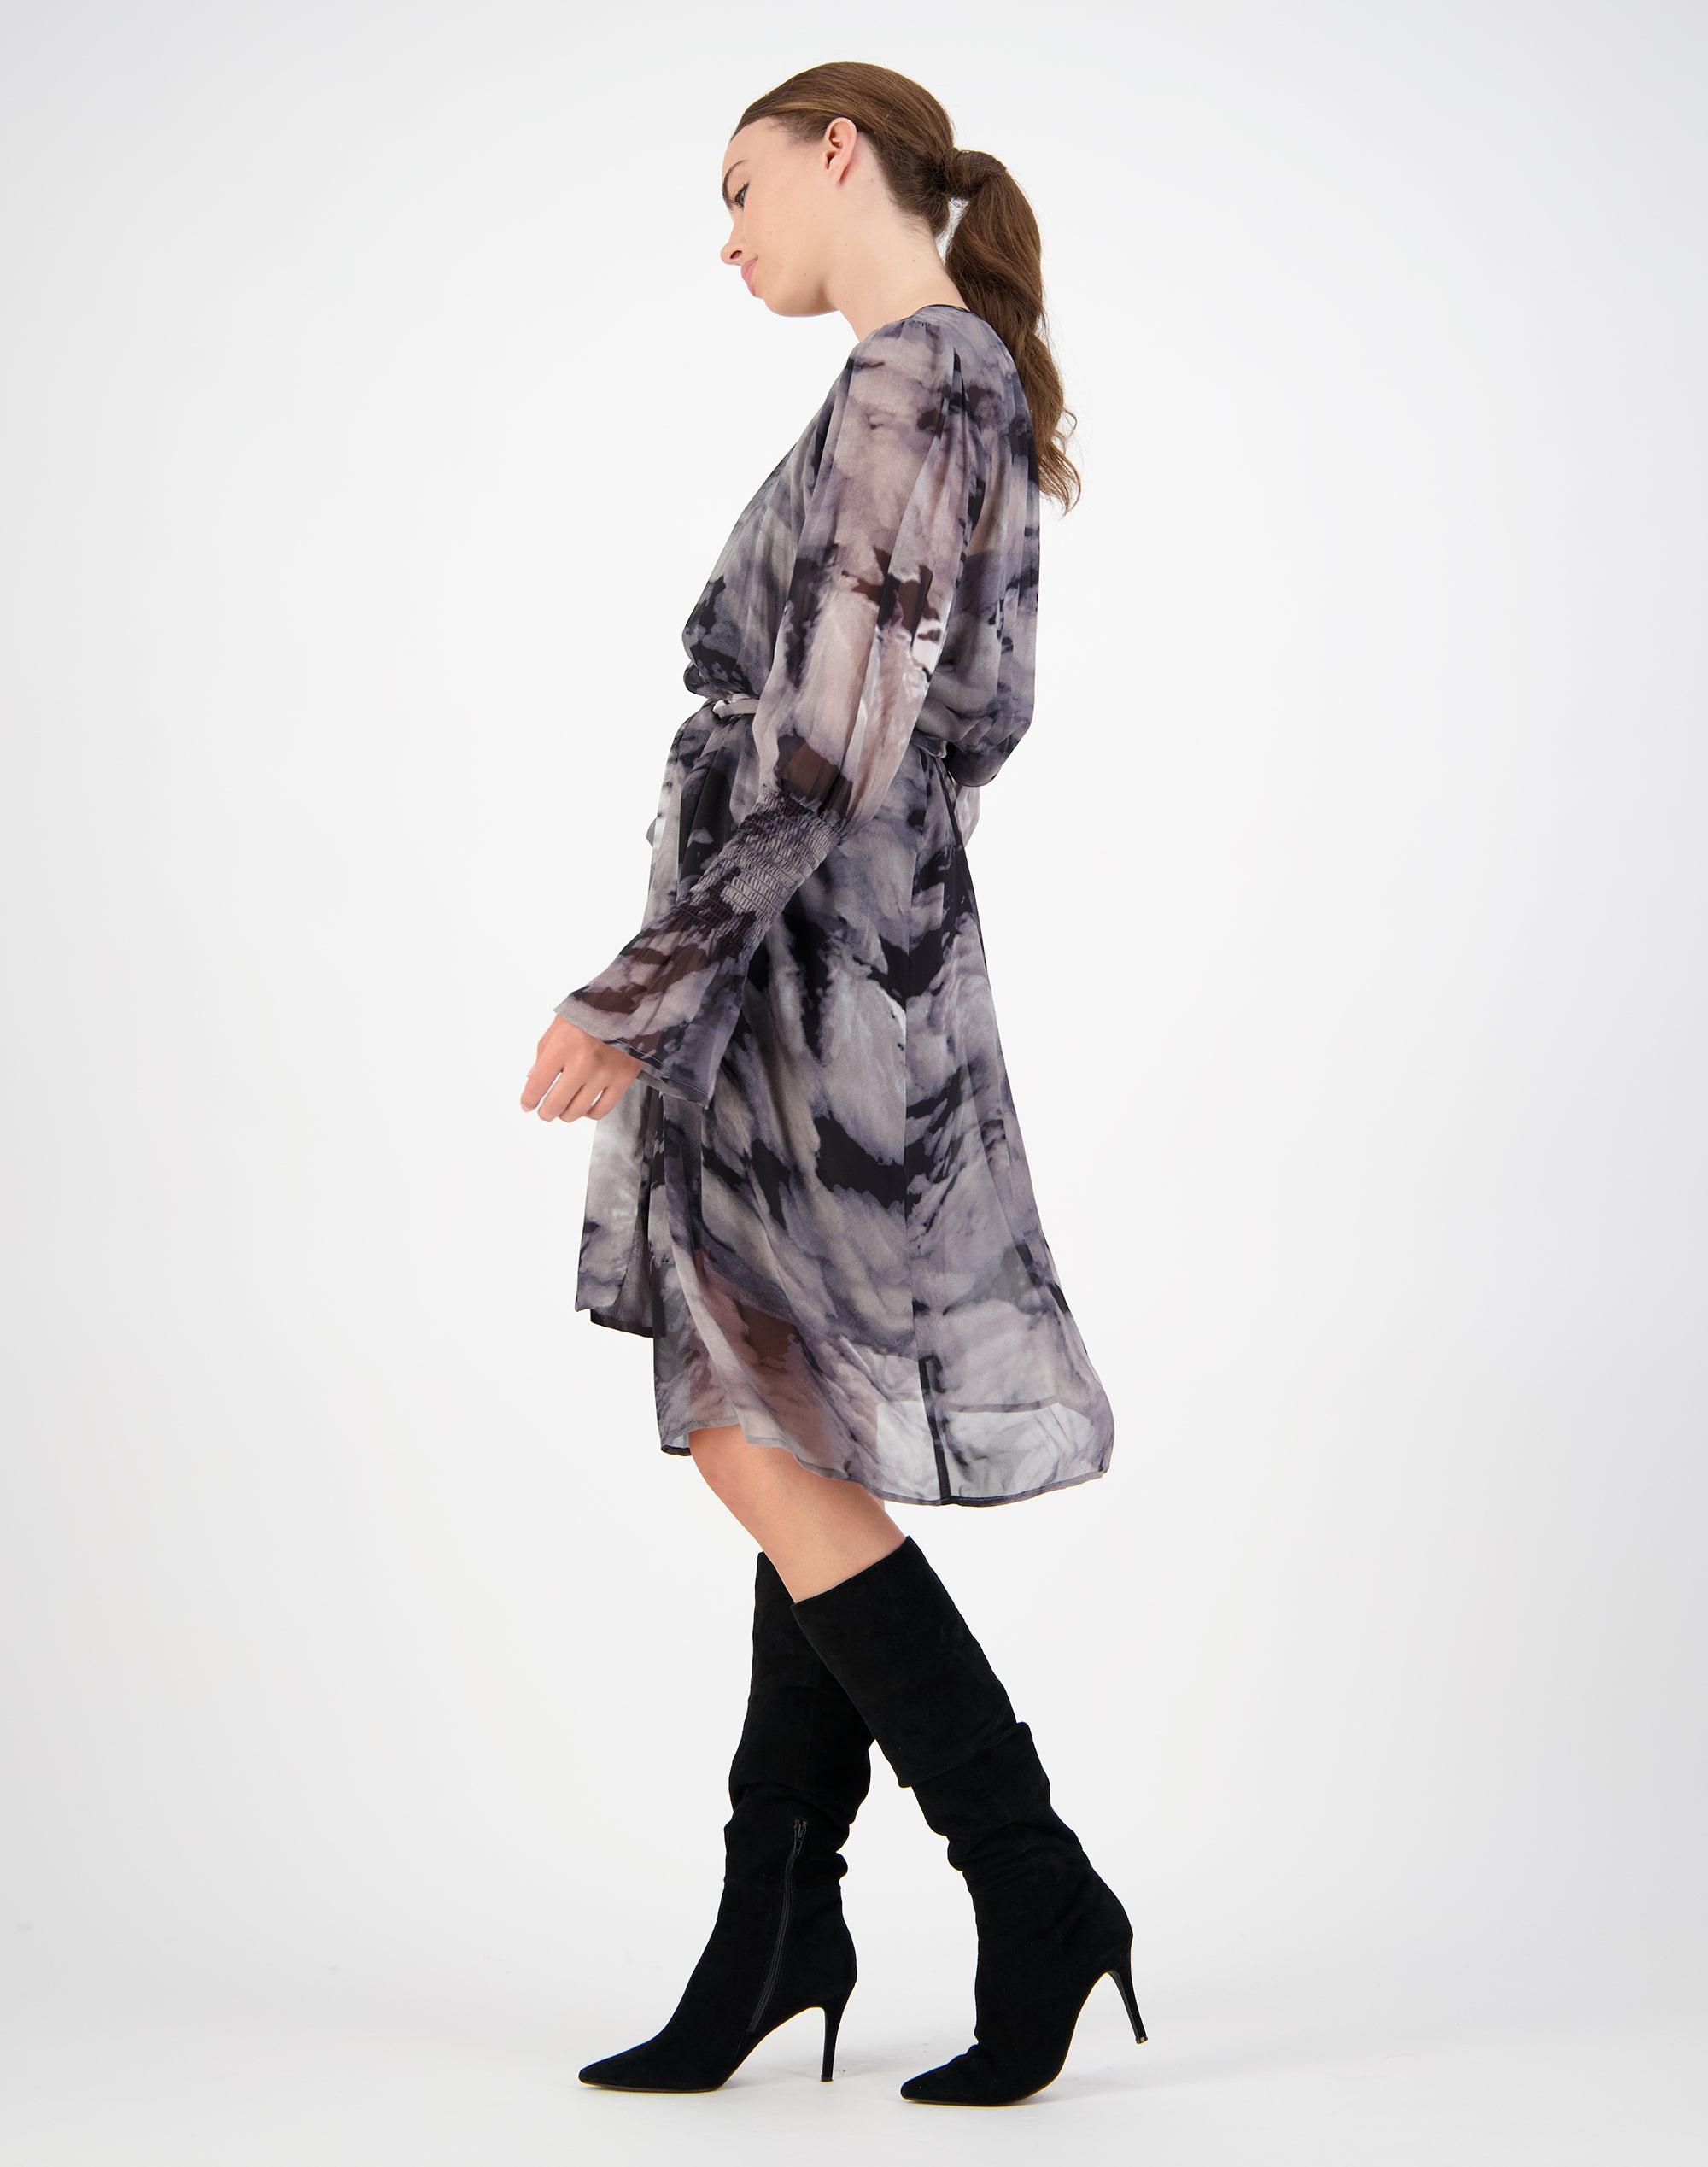 Thunder Shirred Sleeve Dress